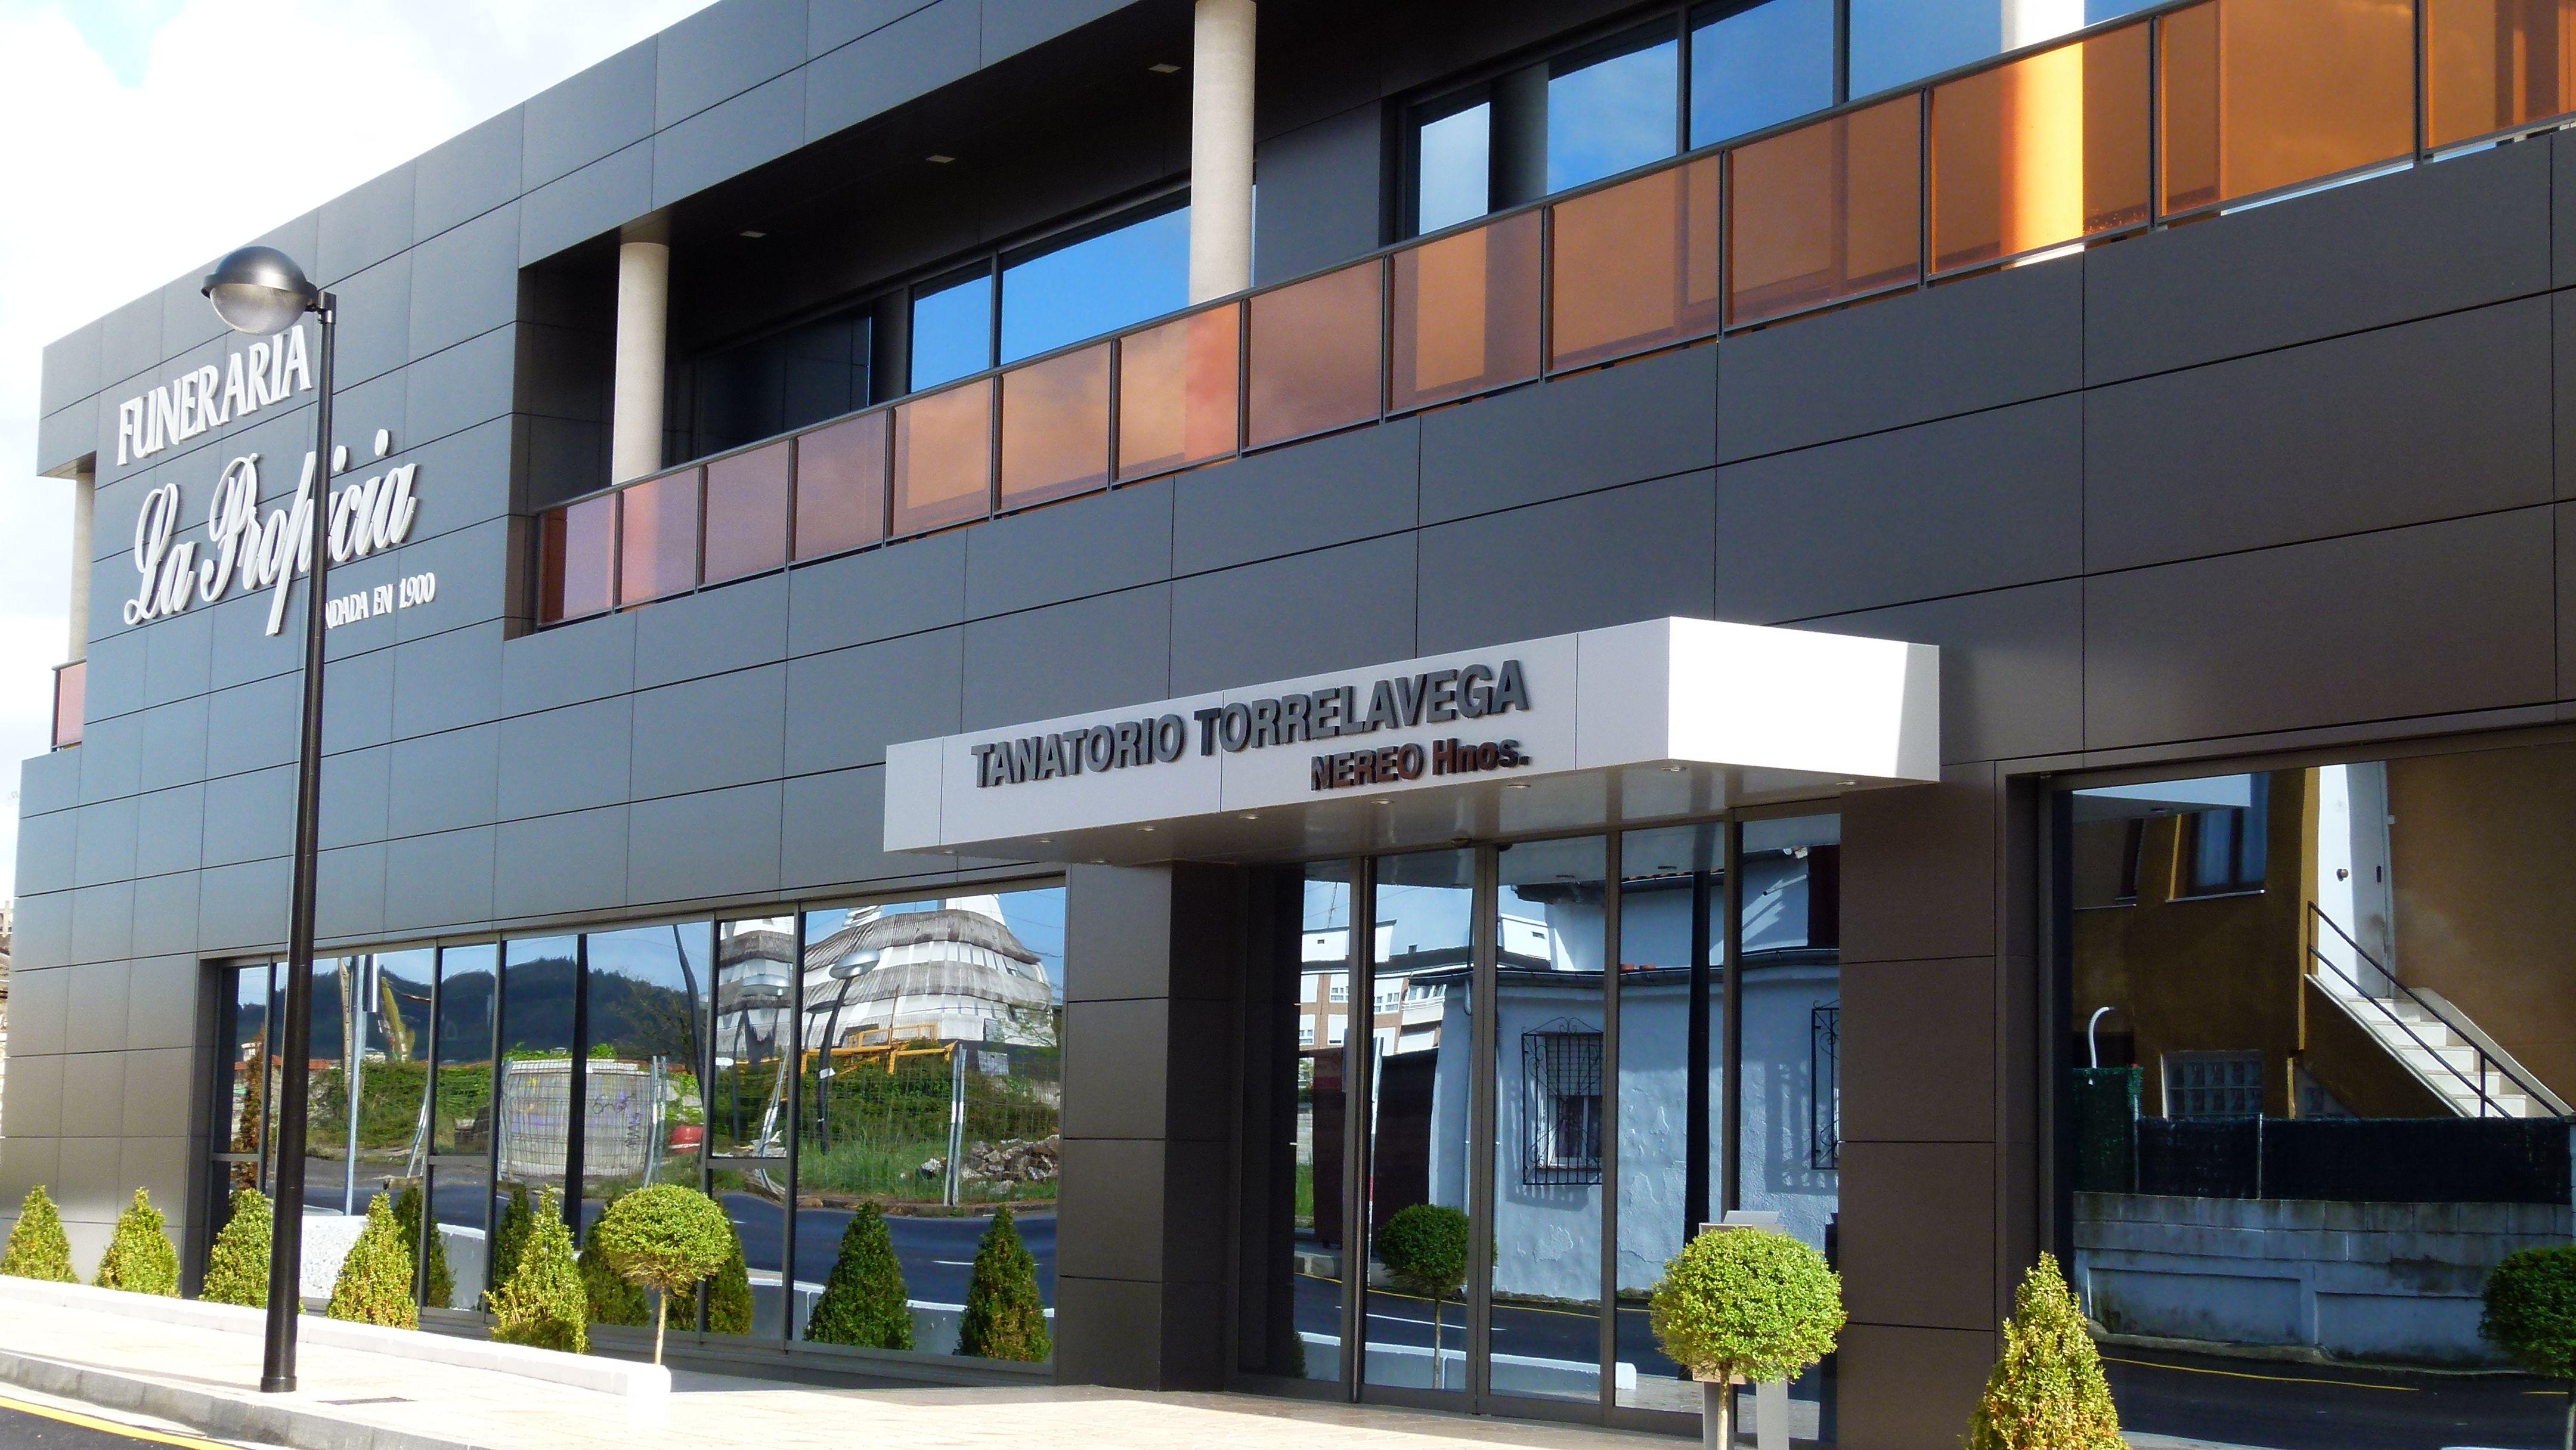 Edificios moderno exterior puertas fachada vidrio for Exterior edificios